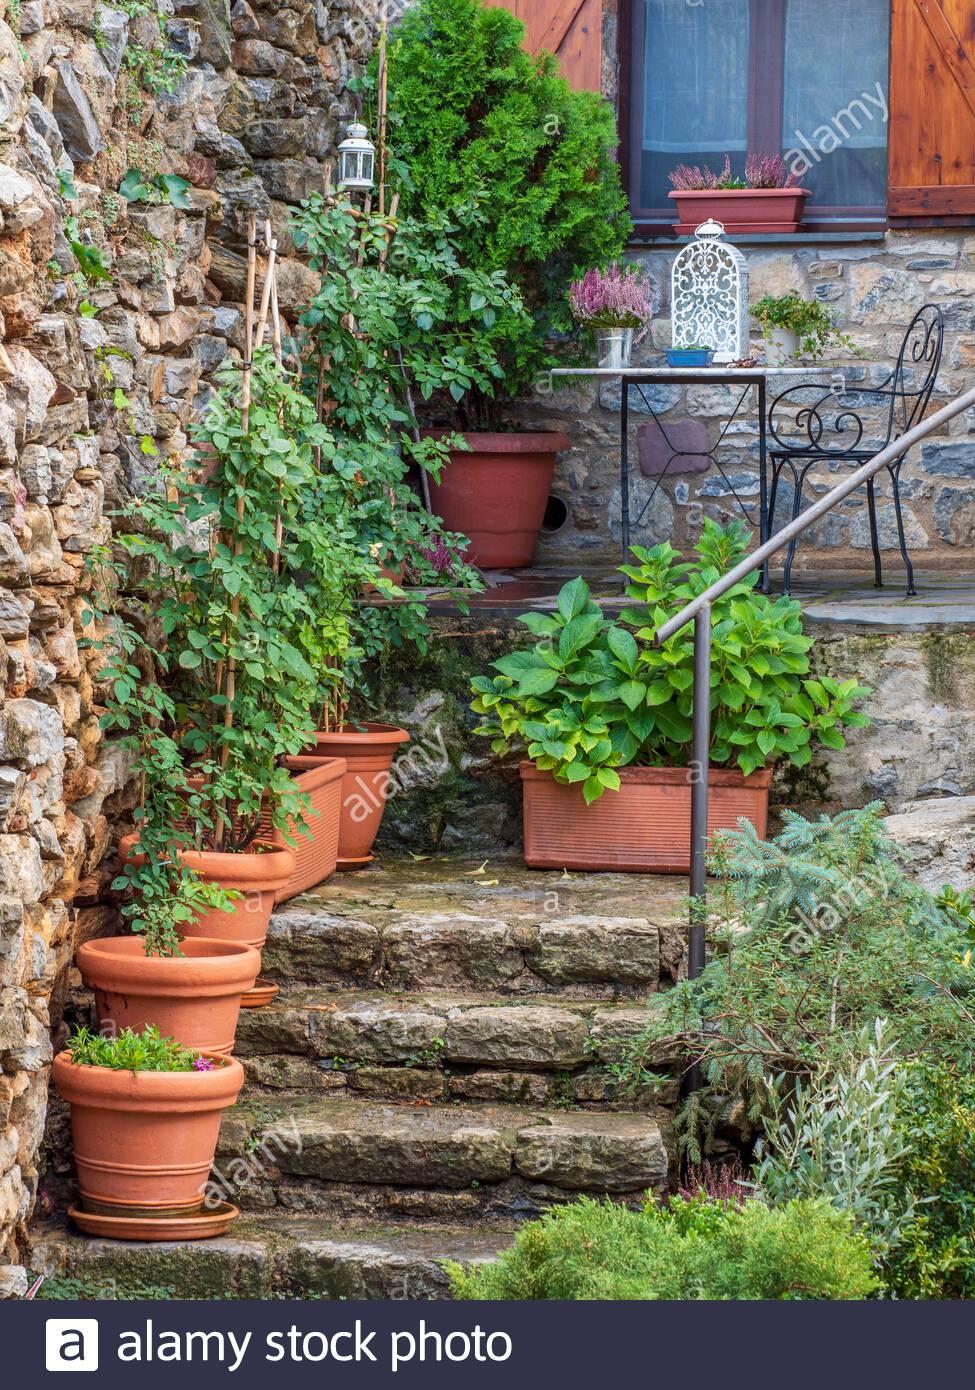 ein garten mit einer naturstein treppe mit blumentopfe eingerichtet mit einer kleinen terrasse uber es und ein fenster mit fensterladen 2ahf7x8